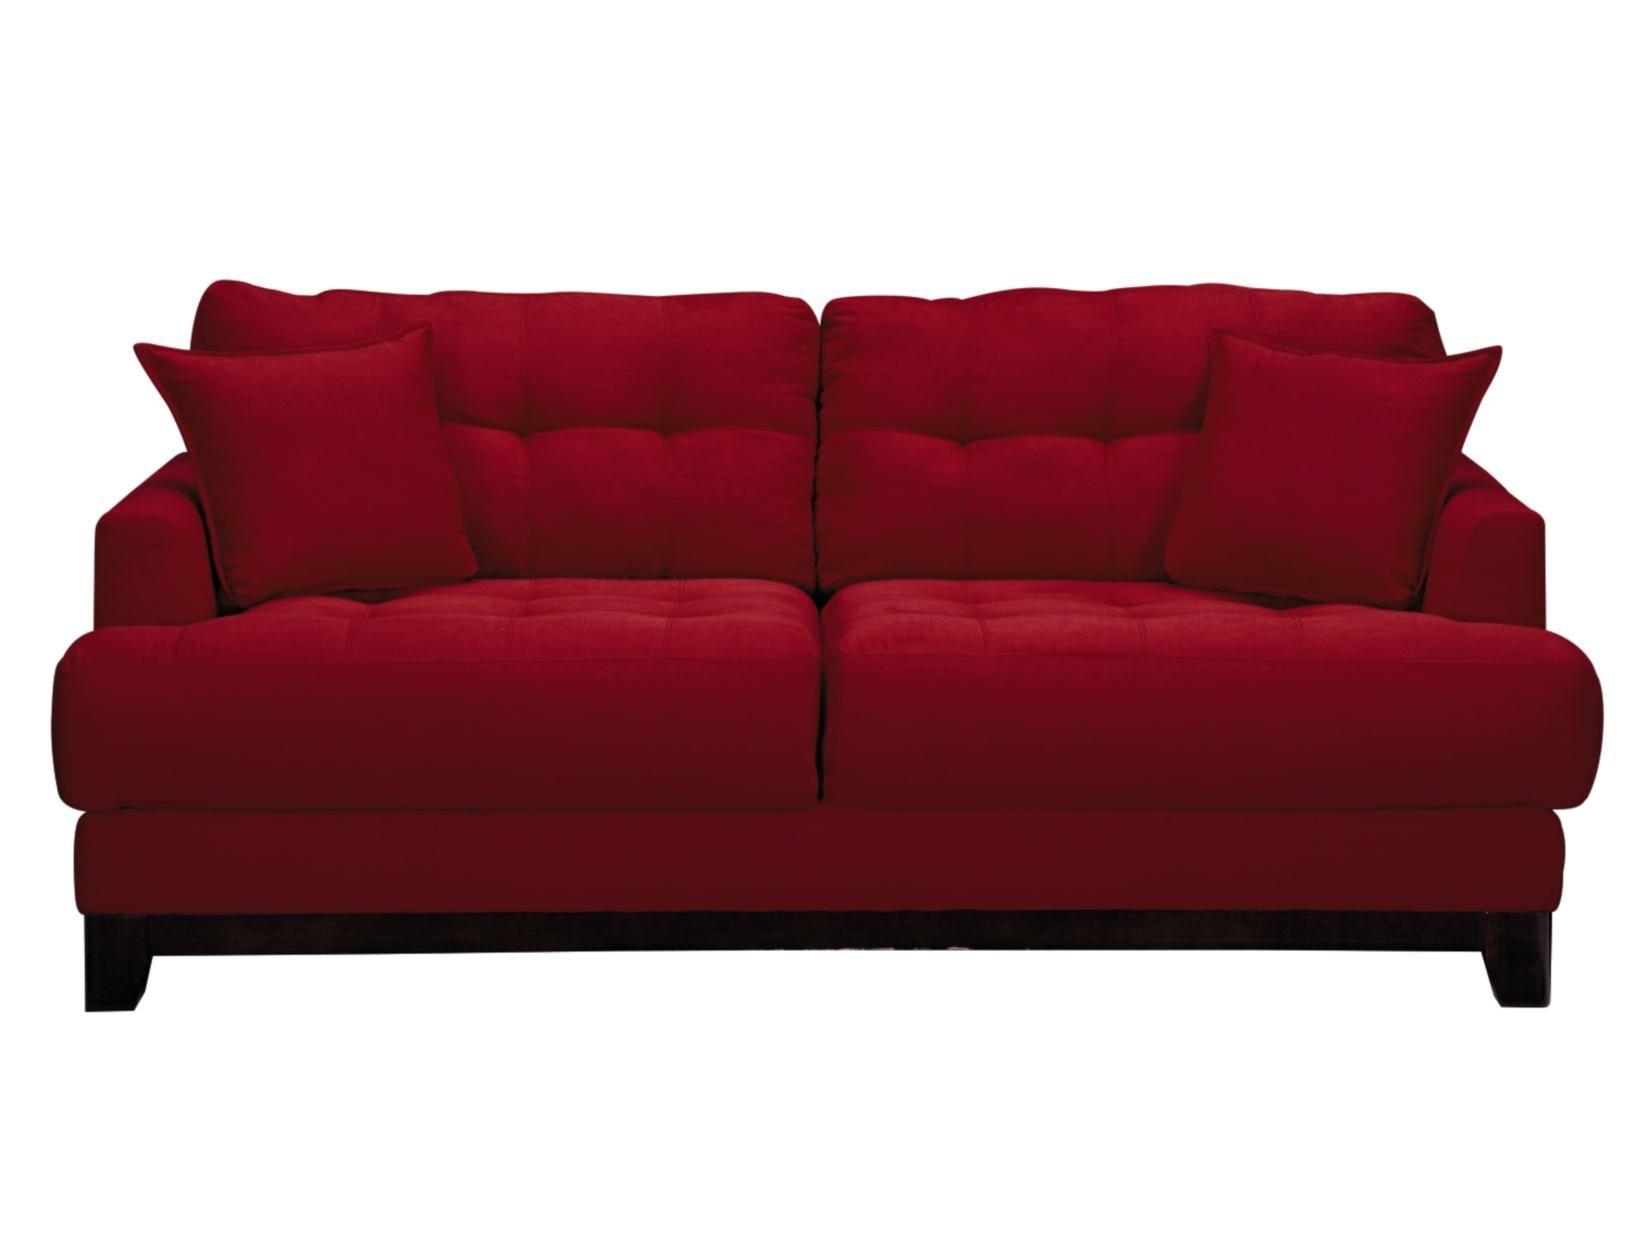 Calypso Red Sofa American Signature Furniture